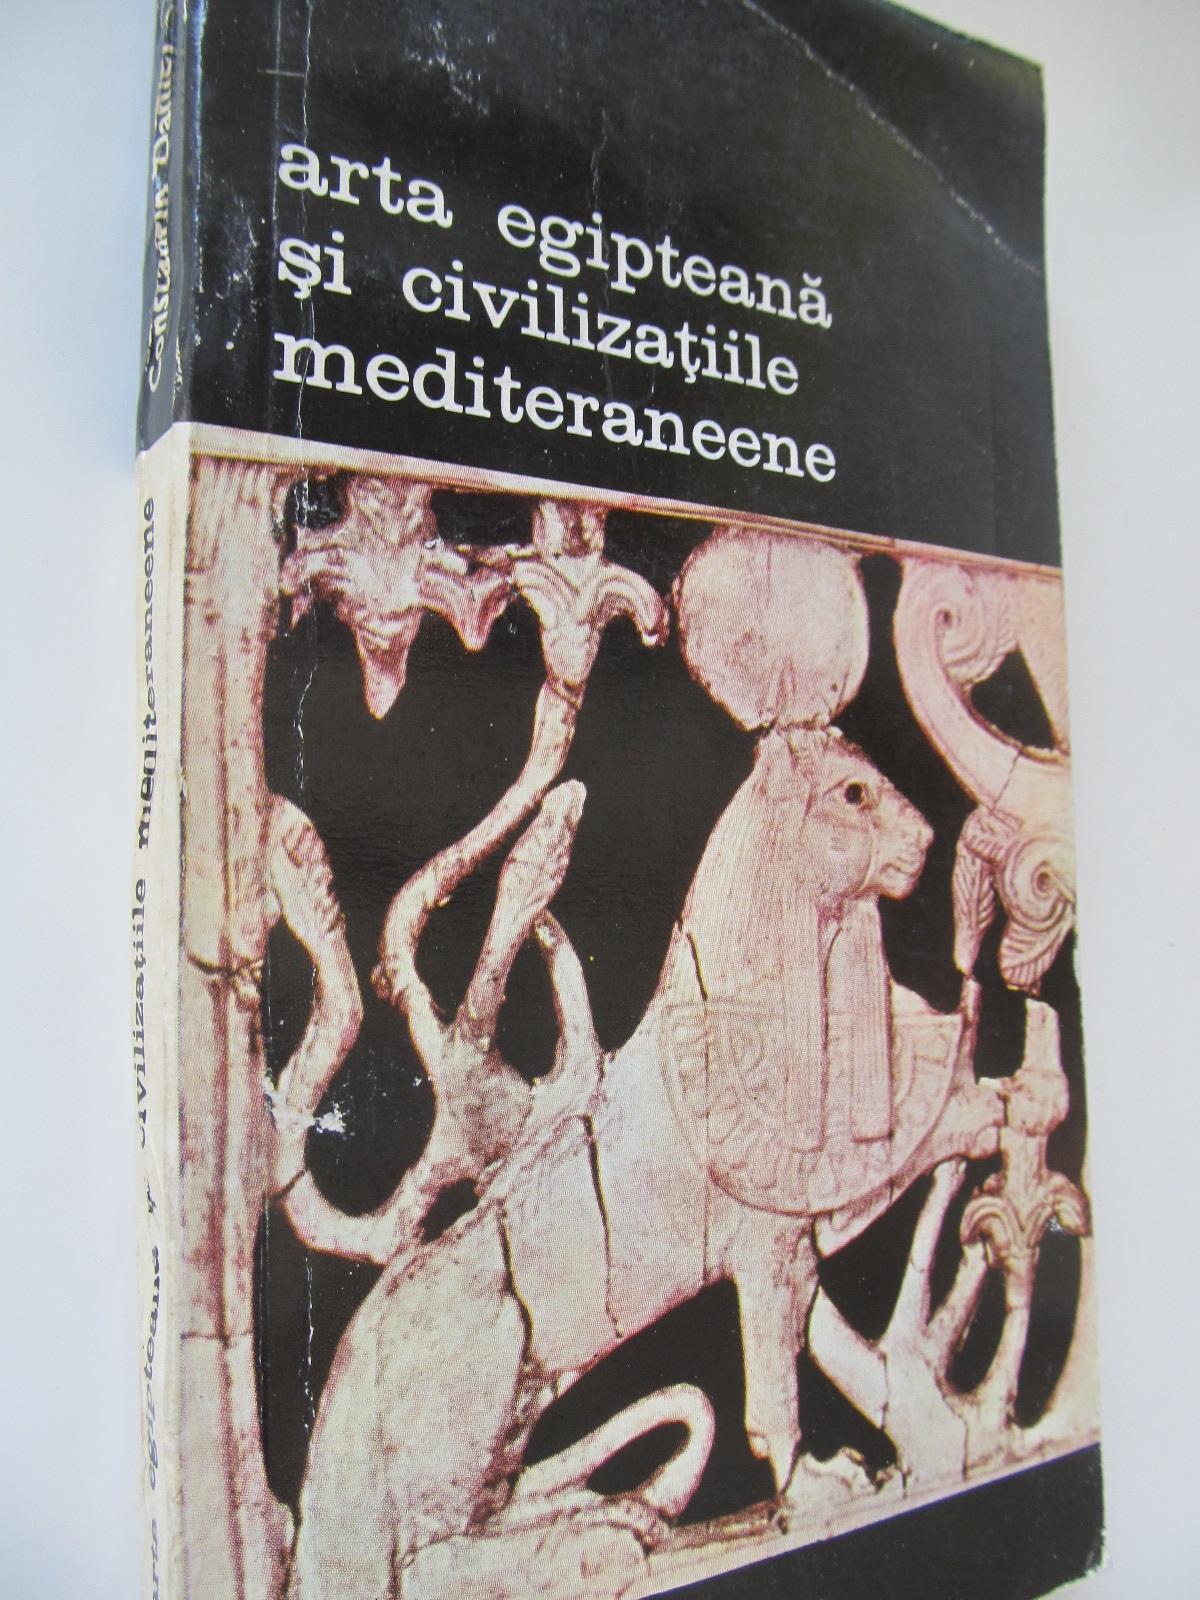 Arta egipteana si civilizatiile mediteraneene - Constantin Daniel | Detalii carte